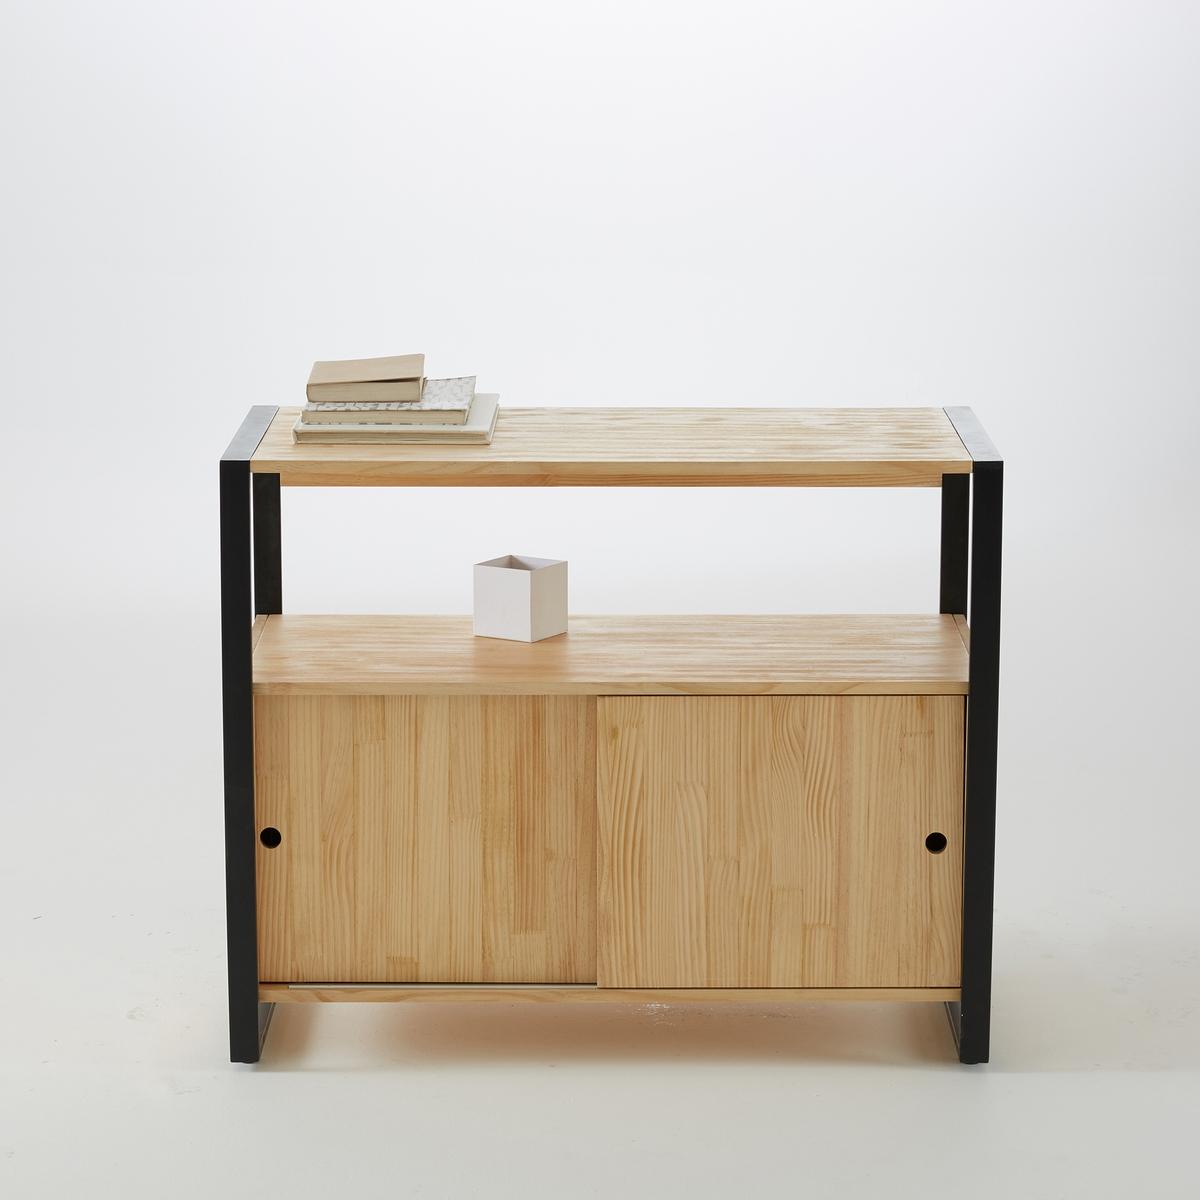 Стол-тумба из массива сосны и металла, HibaНизкий стол-тумба для ванной комнаты, Hiba. Модель без лишних деталей, очень сдержанная, может использоваться самостоятельно или в сочетании с моделями высокой мебели, или с зеркалом, которые продаются на сайте laredoute.ru. Описание:- 2 дверцы раздвижные.- 1 столешница.- 1 полка.Характеристики:- Металлическая конструкция, отделка порошковой эпоксидной чёрной матовой краской.- Столешница, дверцы и боковые панели из сосны, толщ. 15 мм, отделка нитроцеллюлозным лаком.- Дно из МДФ.Откройте для себя всю коллекцию Hiba на laredoute.ru Размеры:Общие:- Ширина: 90 см.- Глубина: 45 см.- Высота: 72,5 см. Размеры и вес в упаковке:1 упаковка. Шир. 100 x Гл. 53 x Выс. 19 см. 20,5 кг. Доставка: эта модель Hiba продаётся готовой к сборке. Возможна доставка до квартиры! Внимание! Убедитесь в том, что посылку возможно доставить на дом, учитывая ее габариты.<br><br>Цвет: серо-бежевый